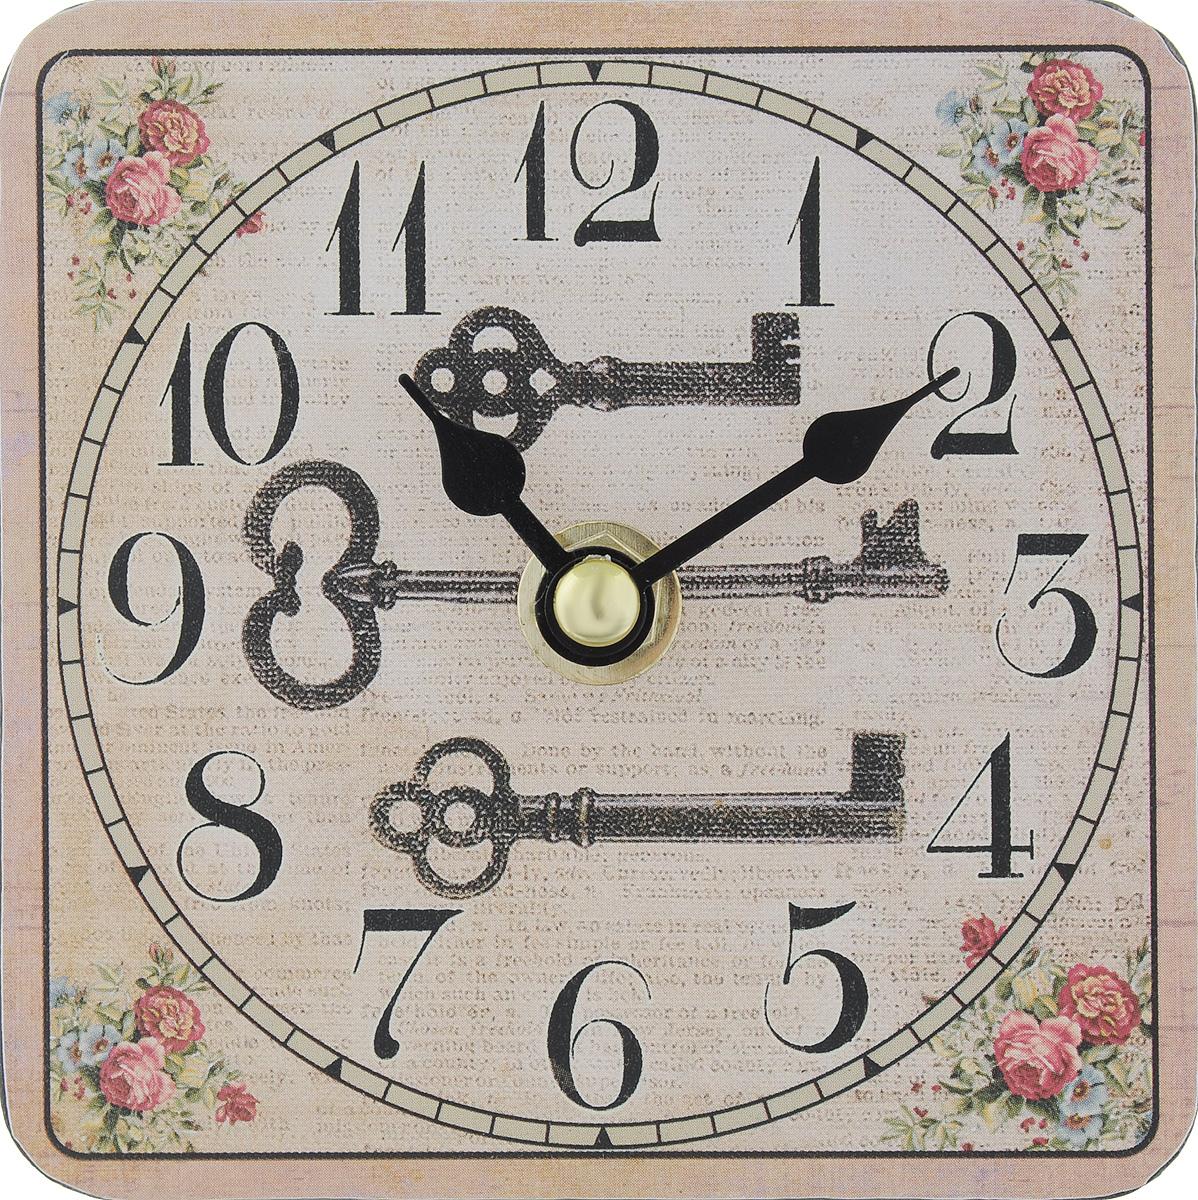 Часы настольные Феникс-Презент Волшебный ключик, 10 х 10 см40730Настольные часы квадратной формы Феникс-Презент Волшебный ключик своим эксклюзивным дизайном подчеркнут оригинальность интерьера вашего дома. Циферблат оформлен изображением цветов и тремя ключами. Часы выполнены из МДФ. МДФ (мелкодисперсные фракции) представляет собой плиту из запрессованной вакуумным способом деревянной пыли и является наиболее экологически чистым материалом среди себе подобных. Изделие имеет две стрелки - часовую и минутную. Настольные часы Феникс-Презент Волшебный ключик подходят для кухни, гостиной, прихожей или дачи, а также могут стать отличным подарком для друзей и близких. ВНИМАНИЕ!!! Часы работают от сменной батареи типа АА 1,5V (в комплект не входит).